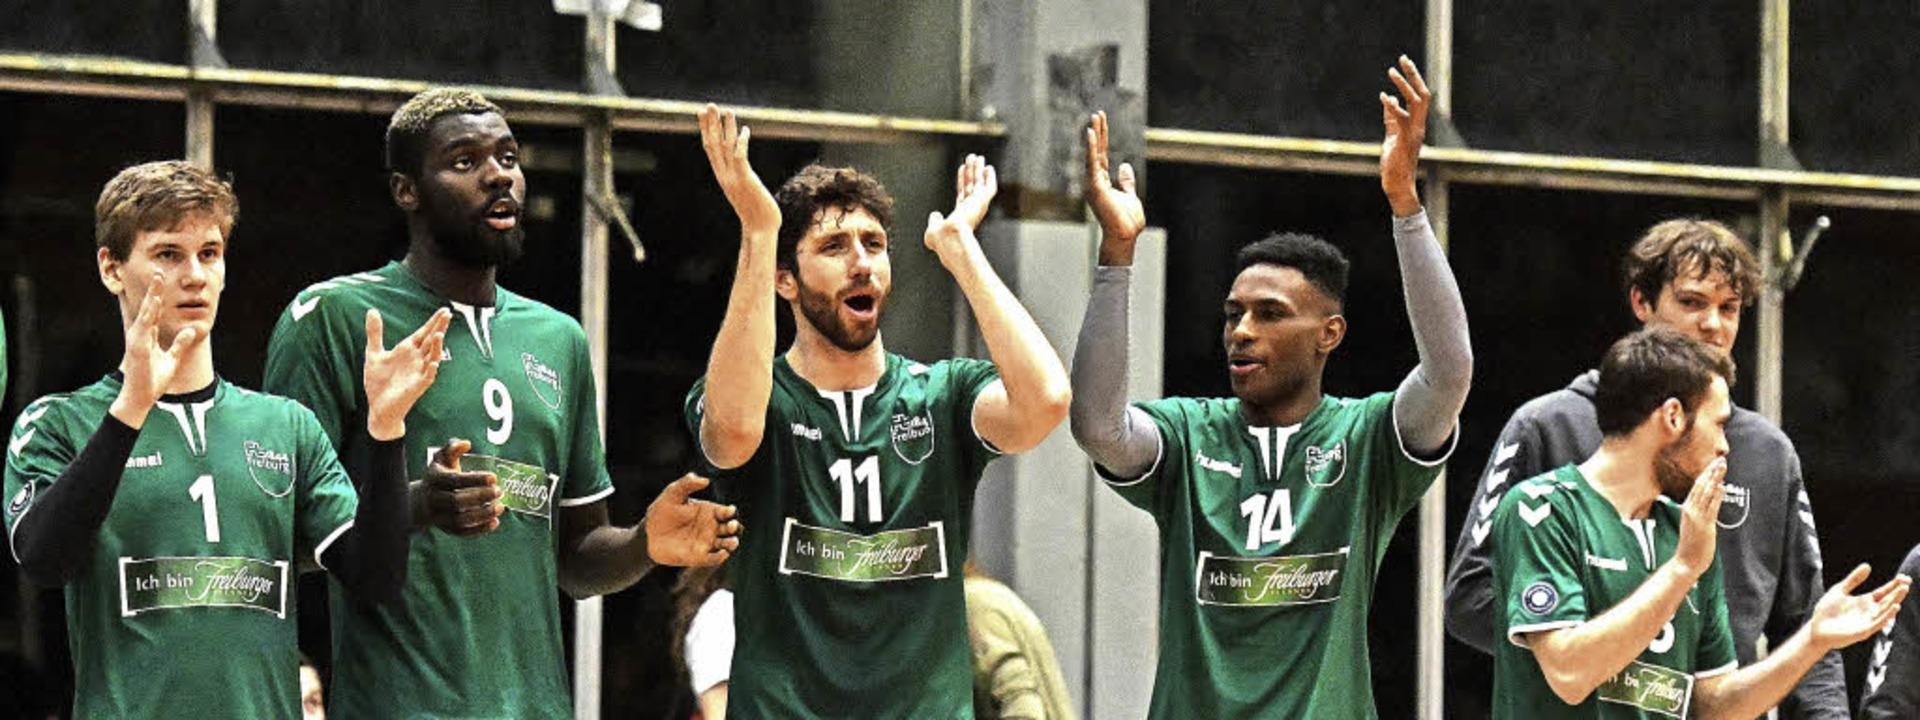 Jubeln wollen die Volleyballer der FT ...ch kommende Saison wieder regelmäßig.   | Foto: Patrick Seeger